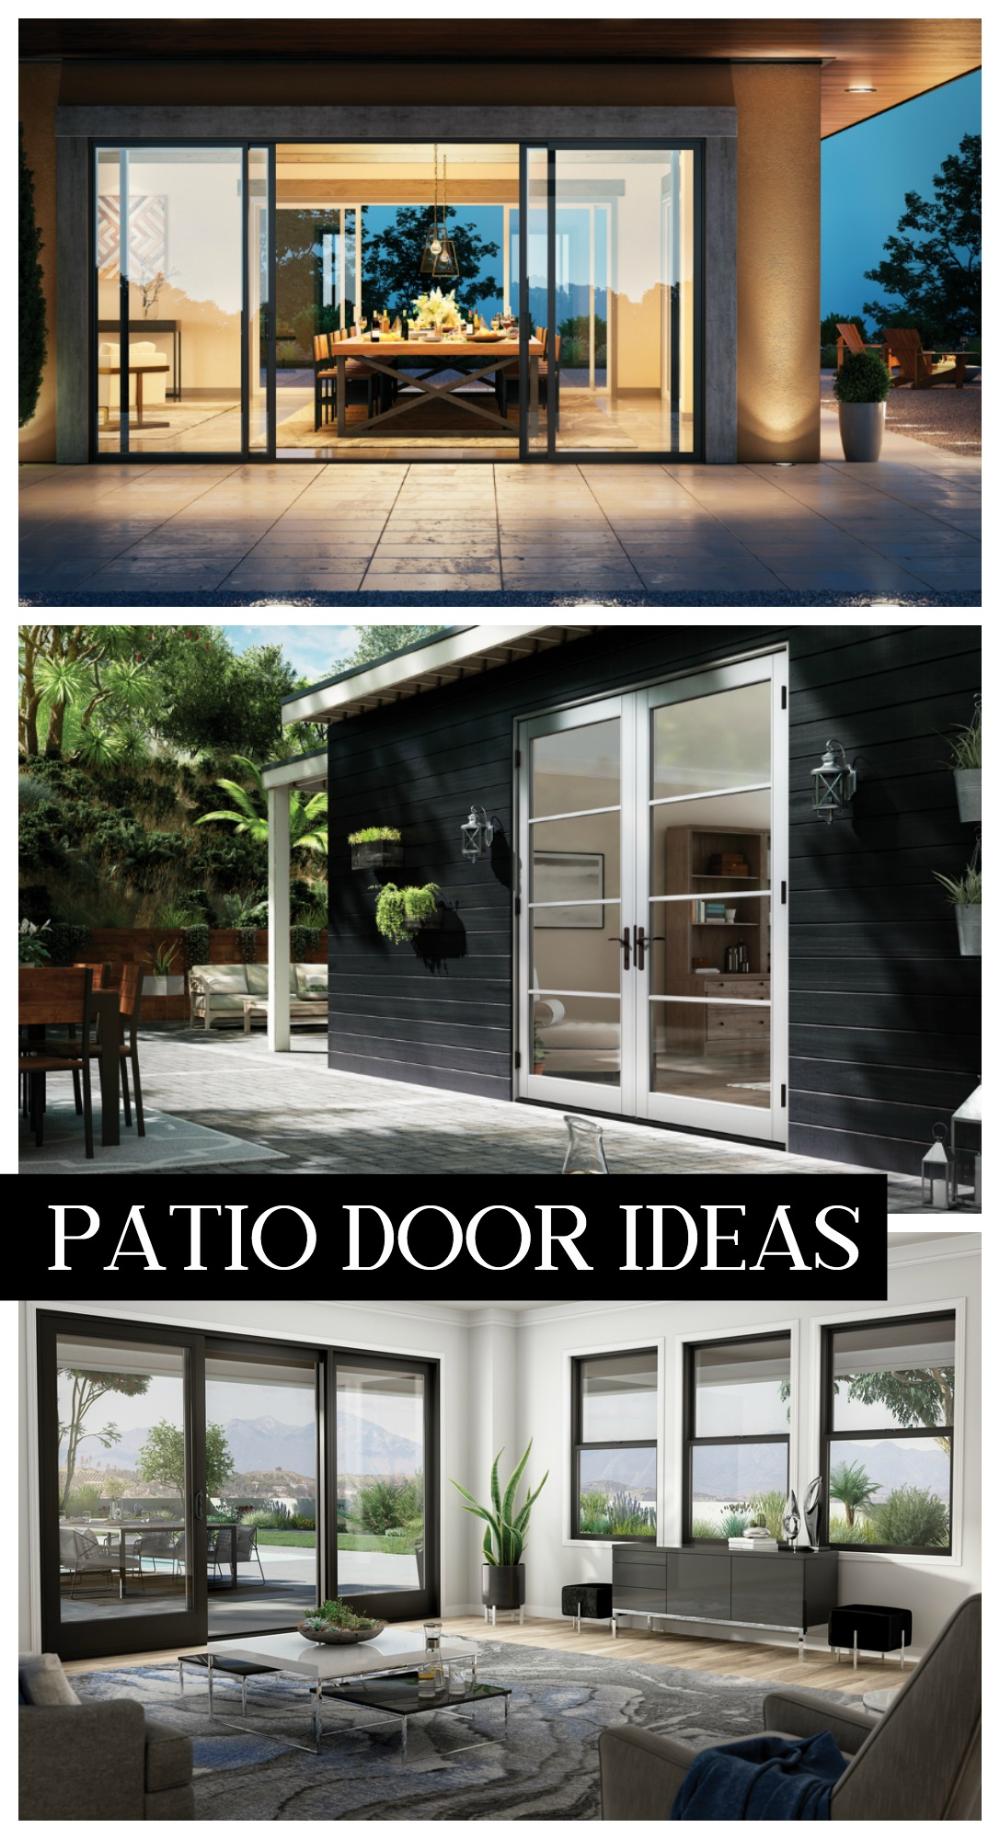 Patio Door Ideas In 2020 Sliding French Doors Patio Patio Doors Contemporary Patio Doors